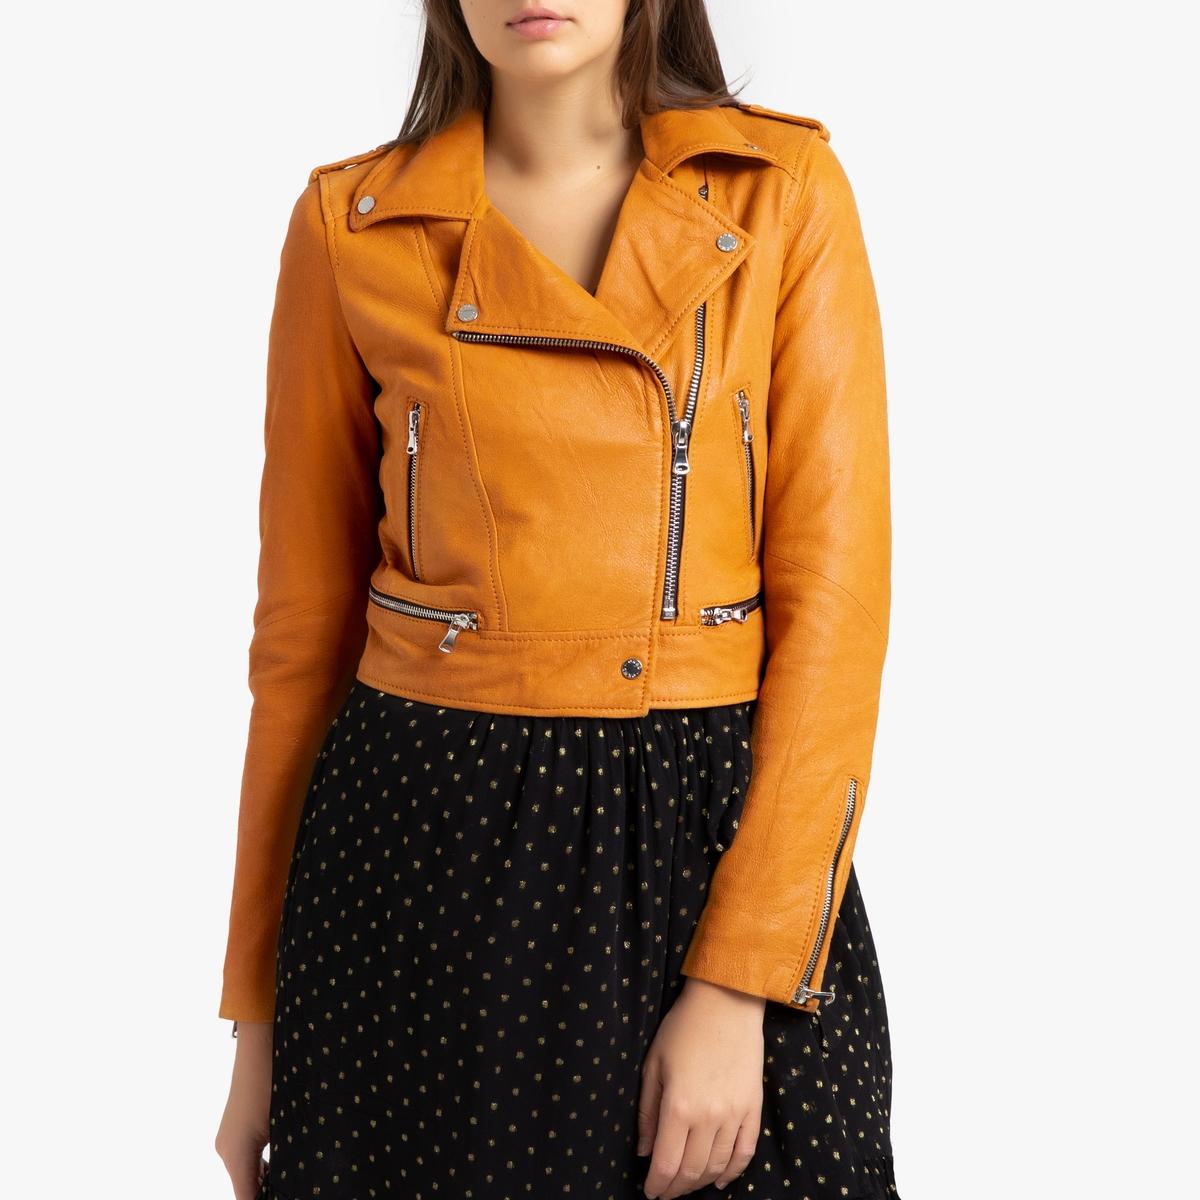 купить Блузон La Redoute Короткий из замшевой кожи YUKA S желтый дешево